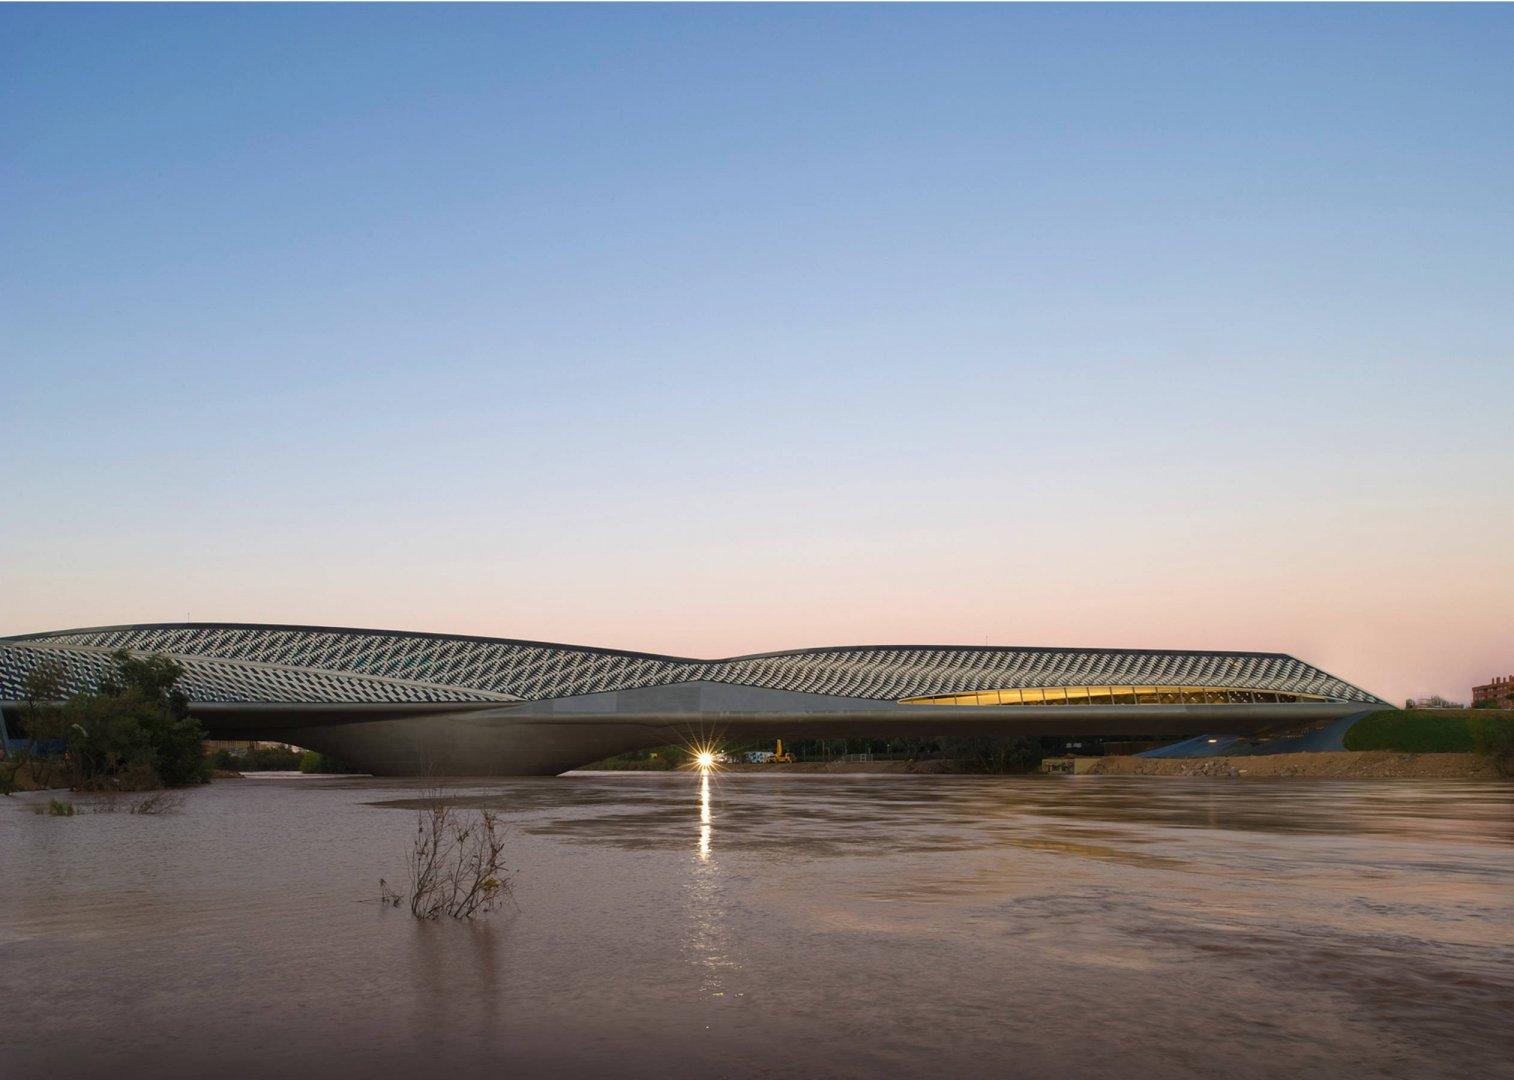 zaha-hadid-zaragoza-bridge-pavilion